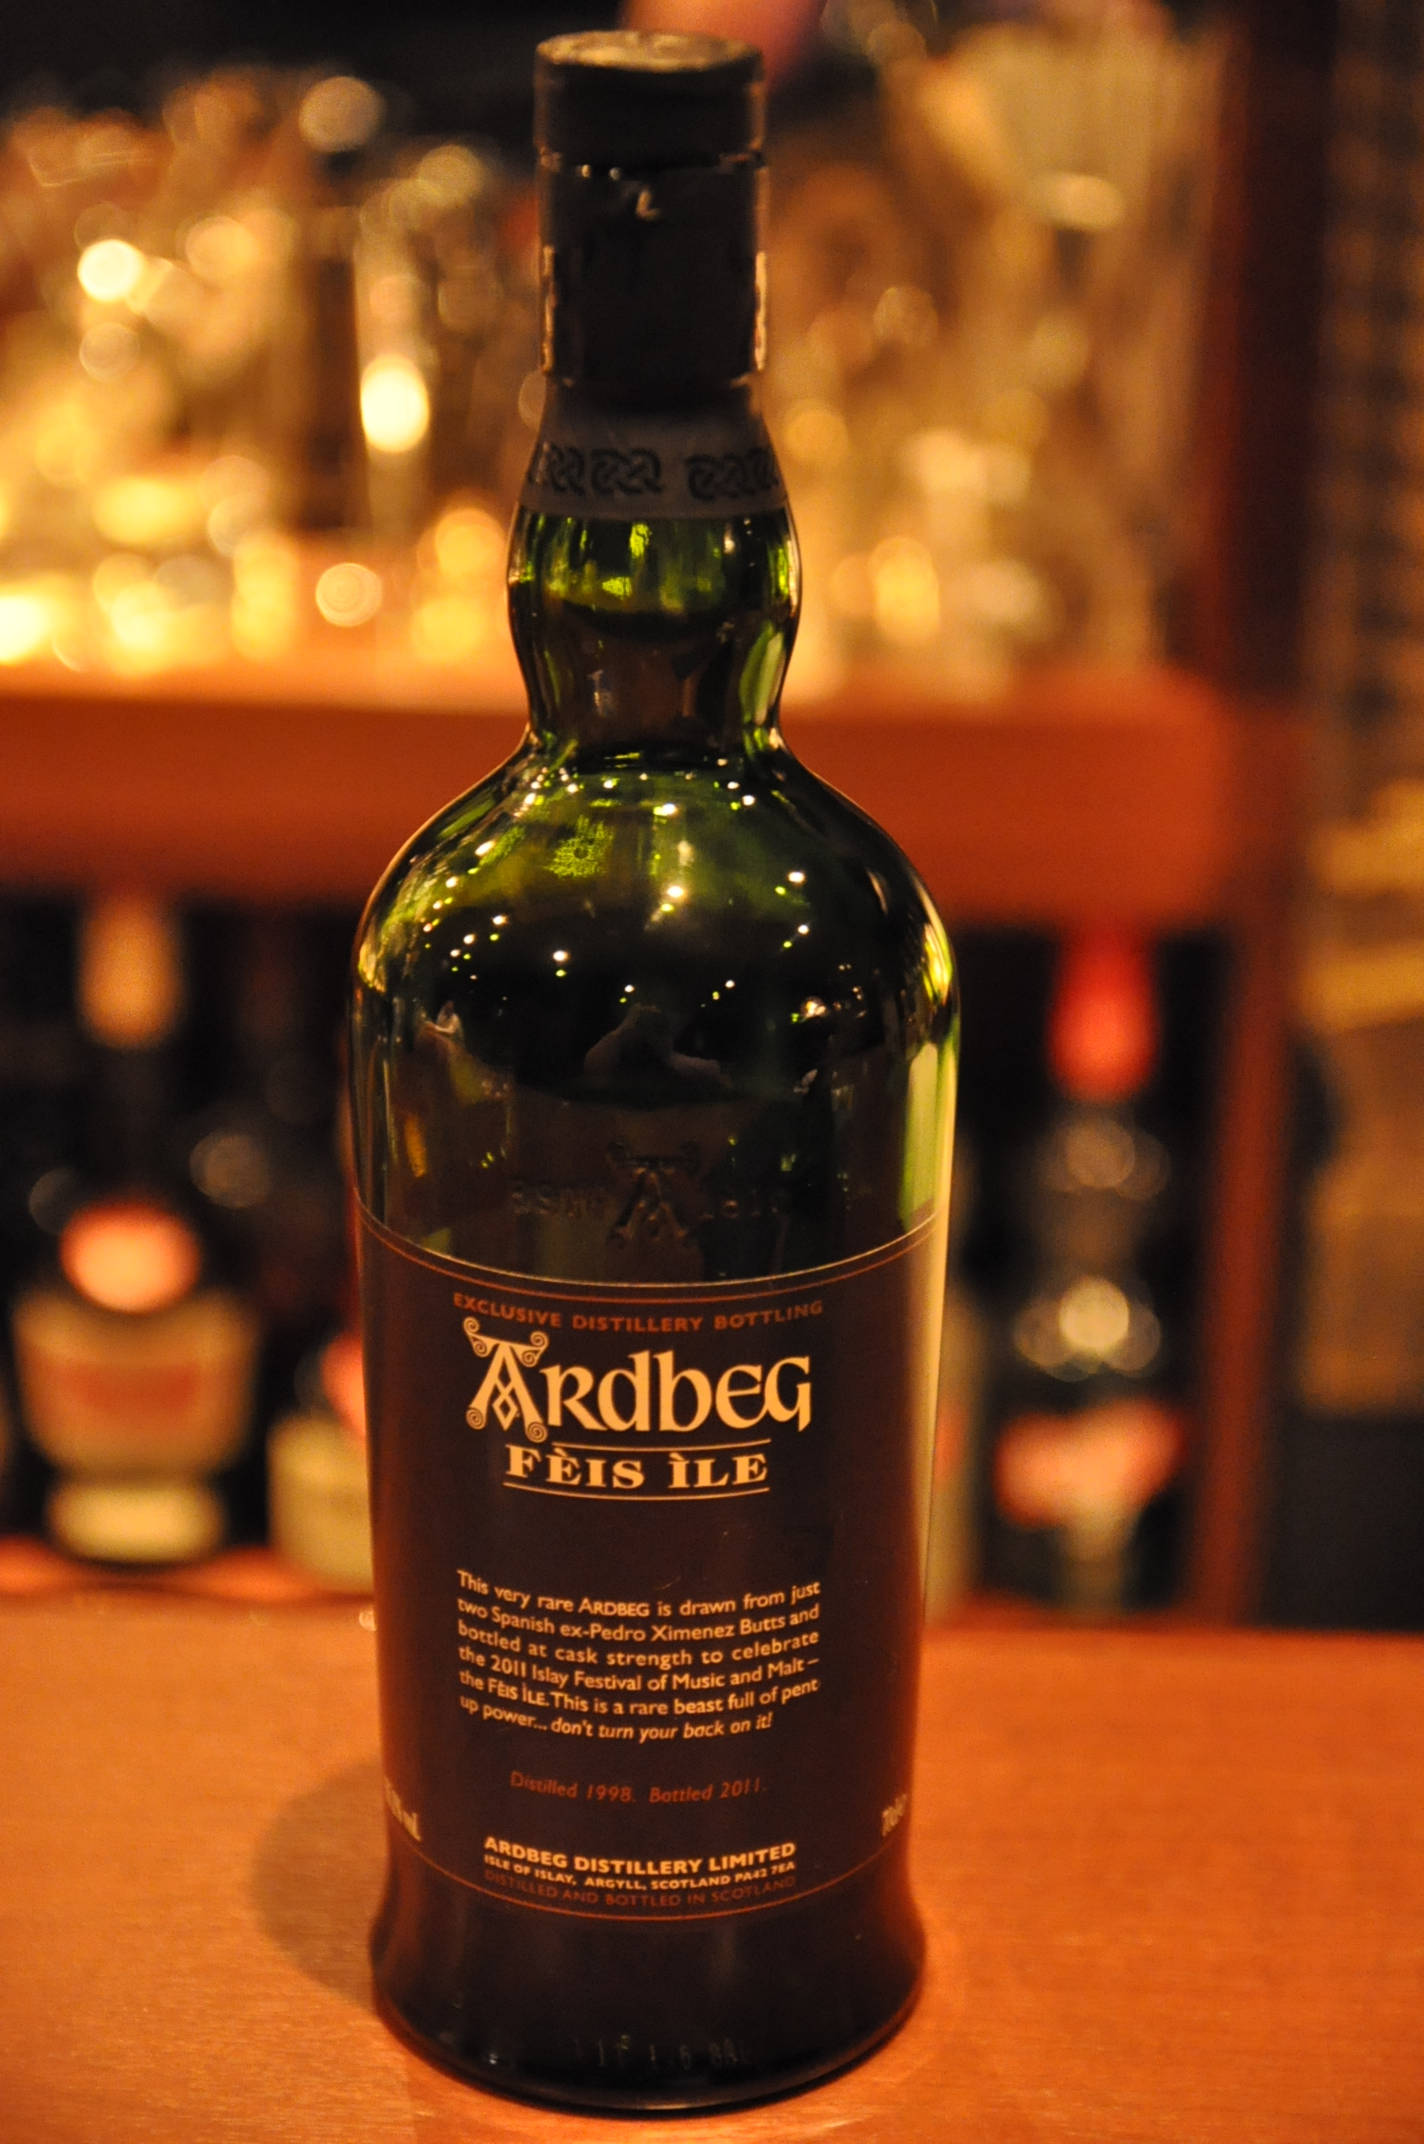 アードベッグ Ardbeg  Feis Bottling 1998/2011 (55.1%, OB, Spanish ex- Pedro Ximenez Butts)